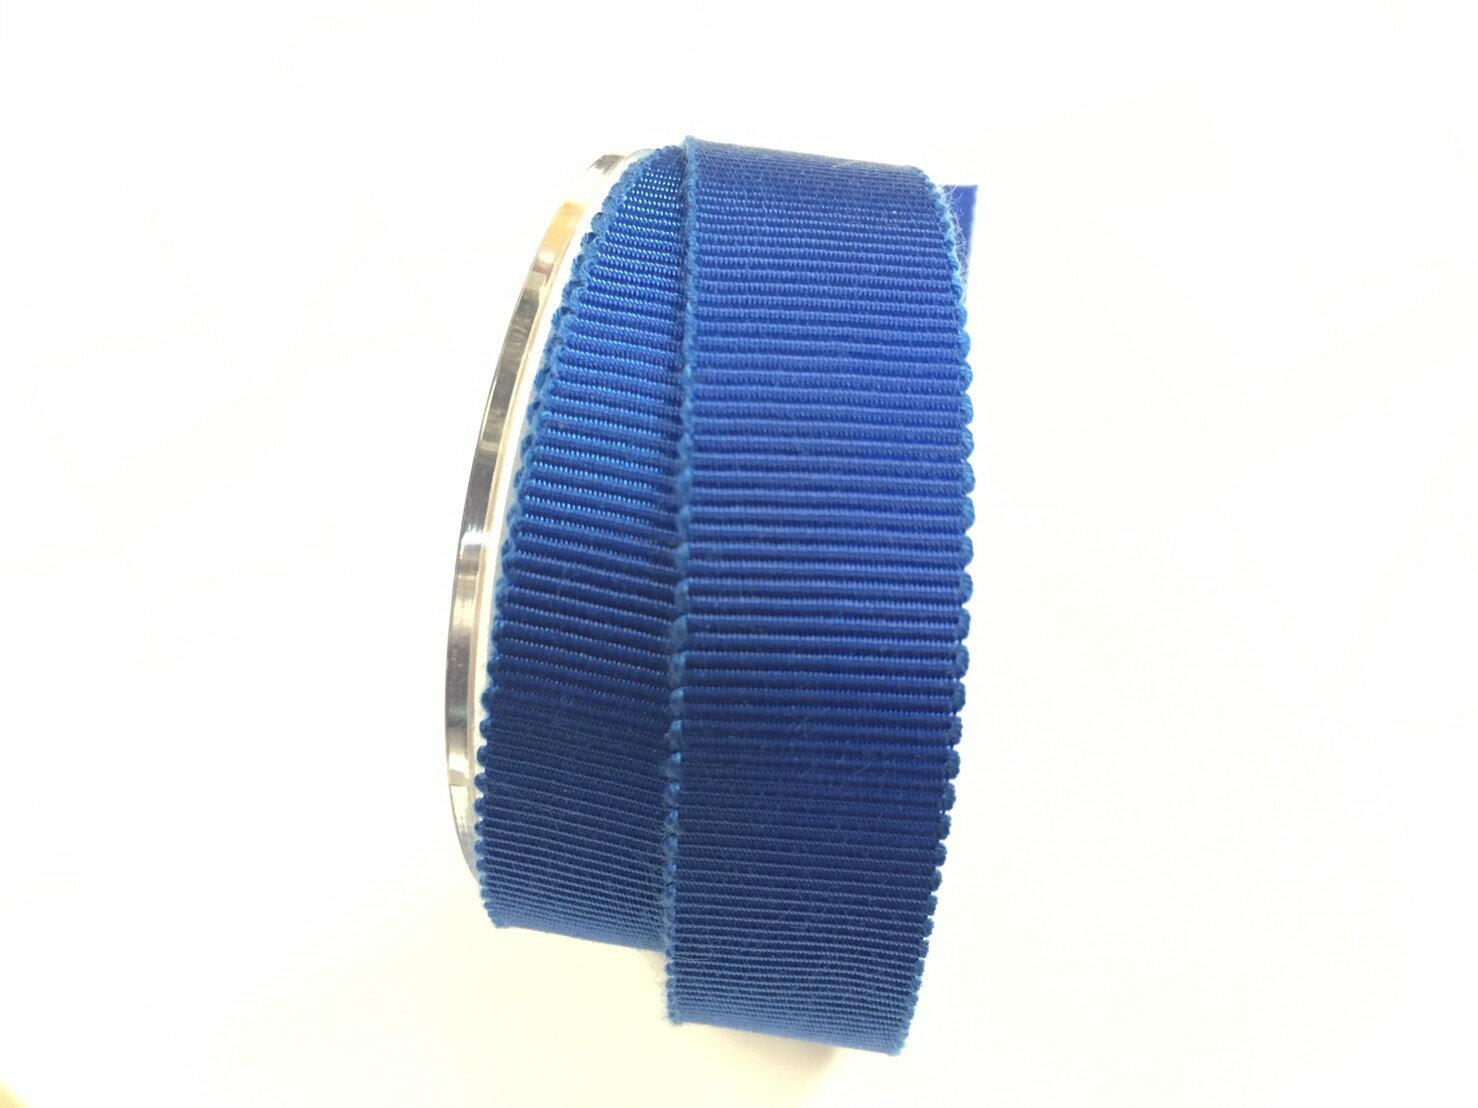 迴紋帶 羅紋緞帶 10mm 3碼 (22色) 日本製造台灣包裝 9